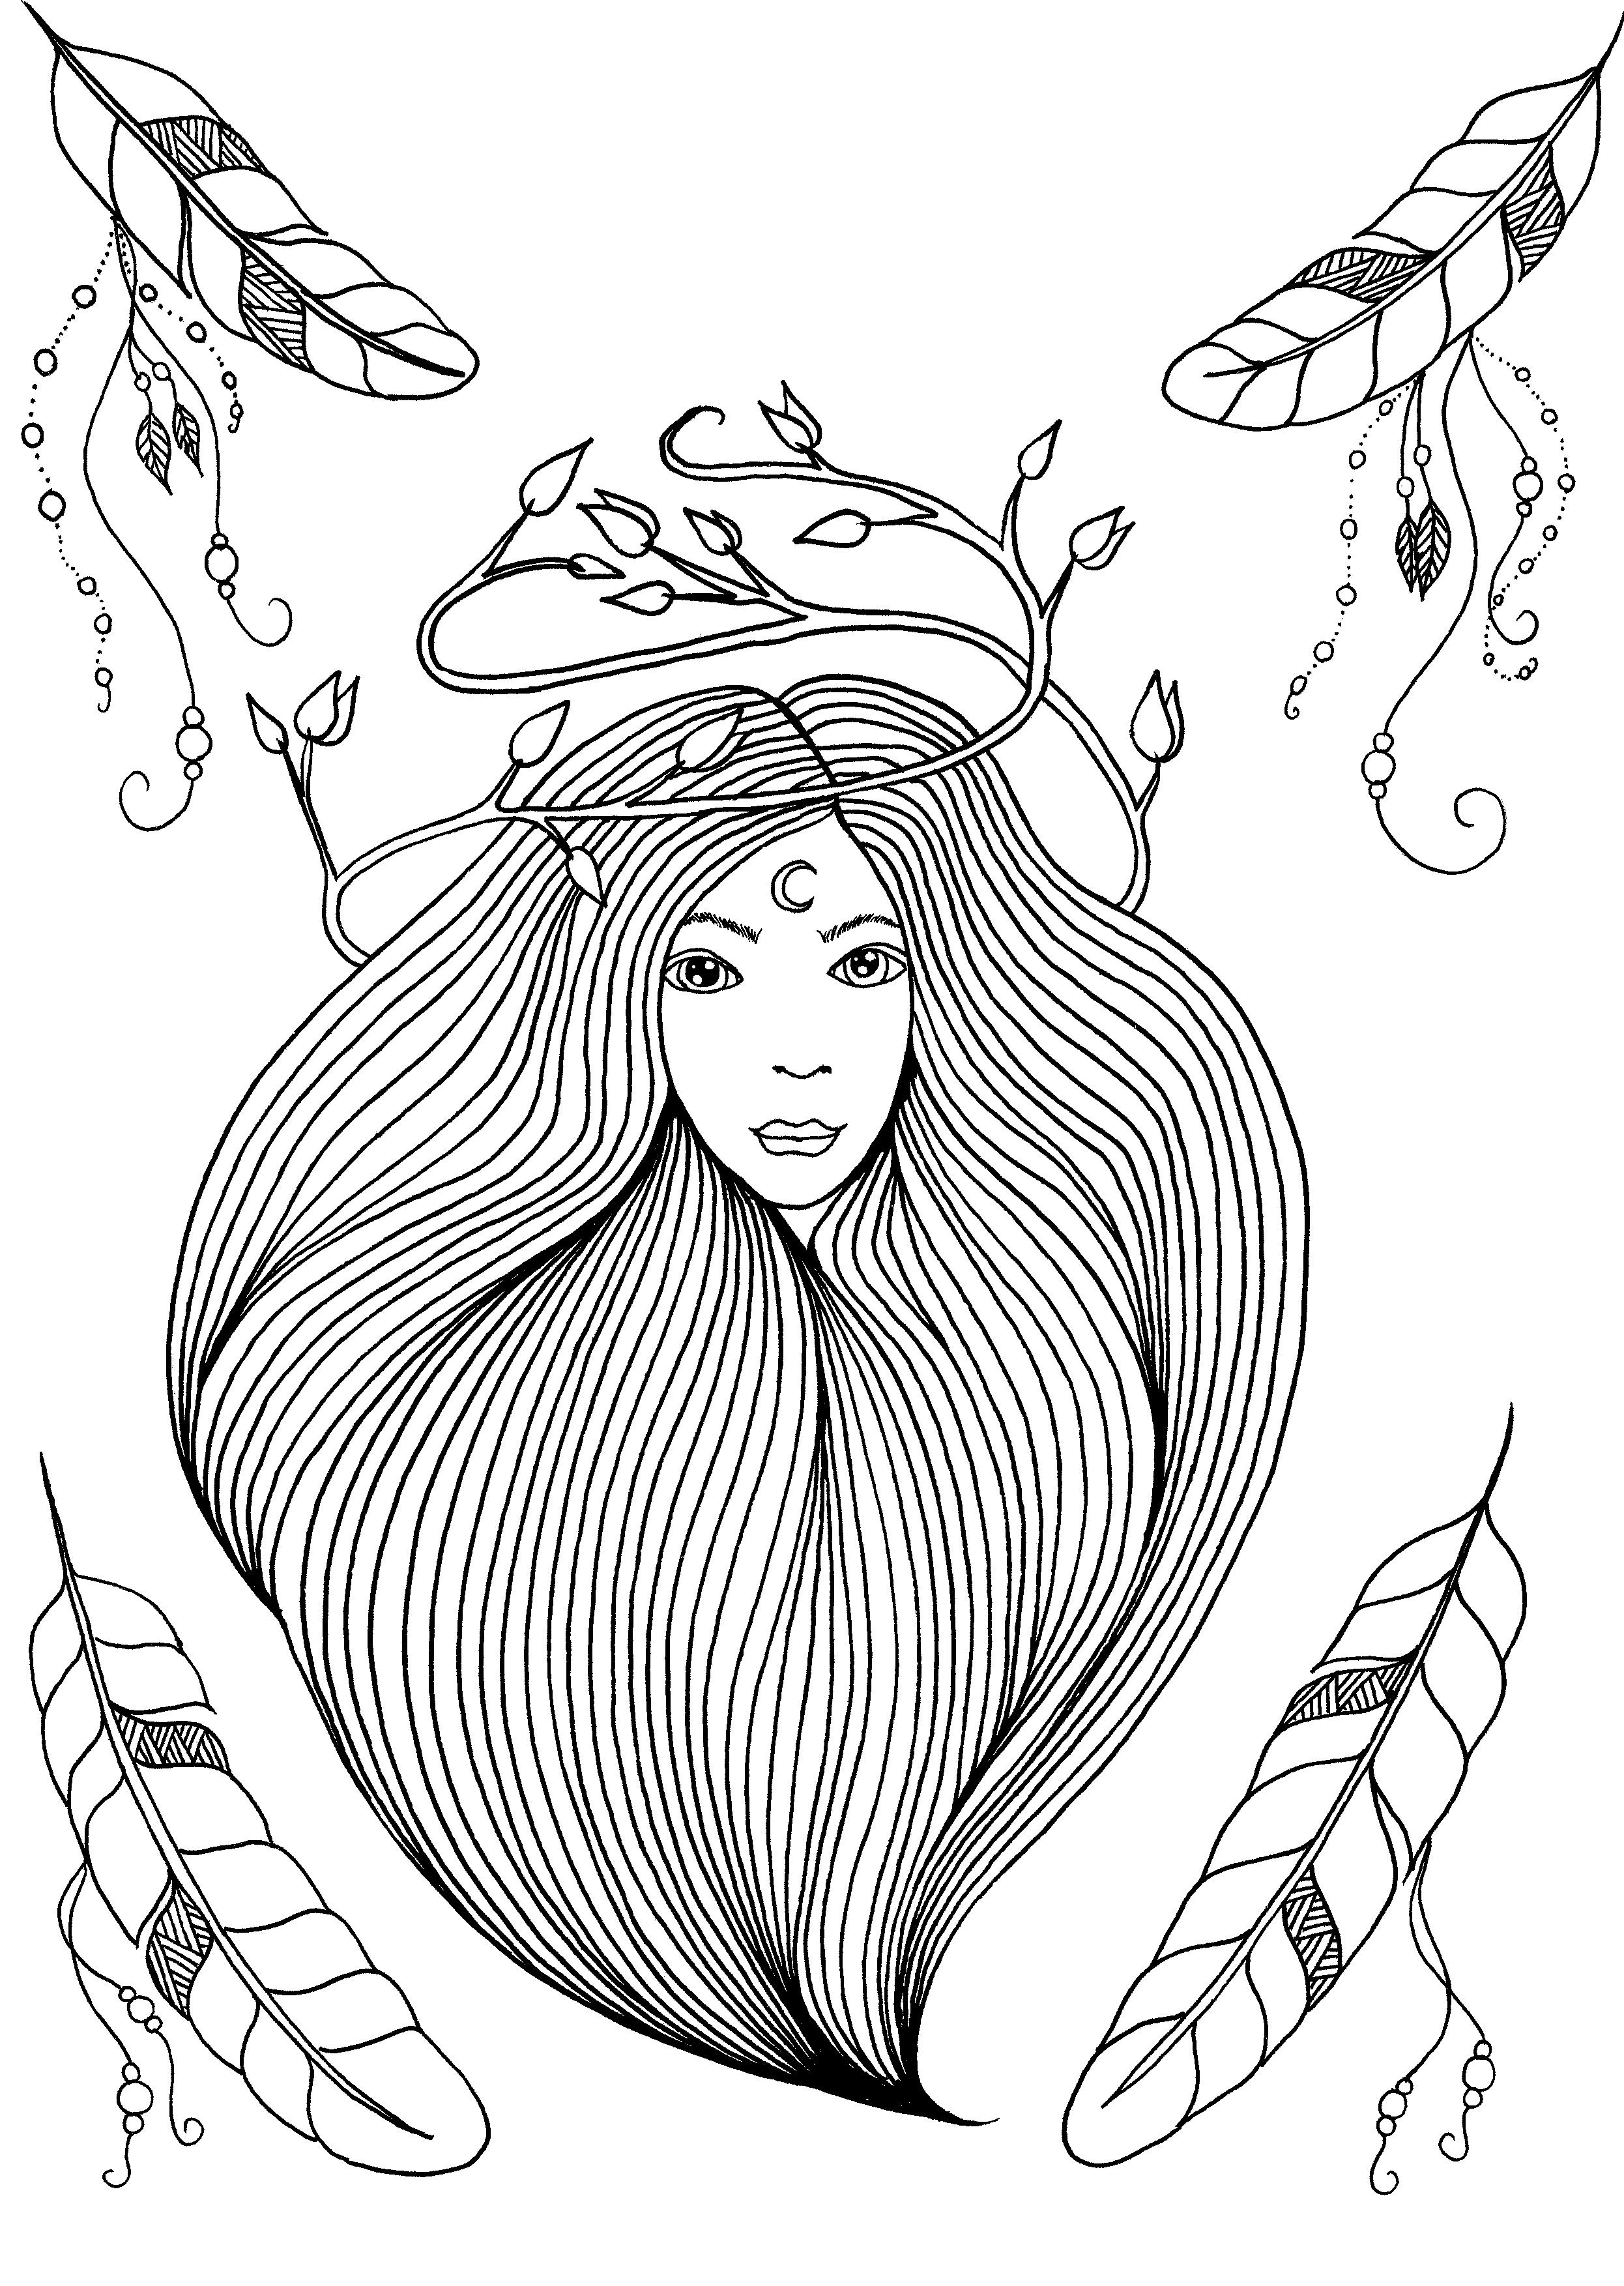 Coloriage de la couverture du livre 'Plumes et Rêves' de Leen MargotA partir de la galerie : Anti StressArtiste : Leen Margot